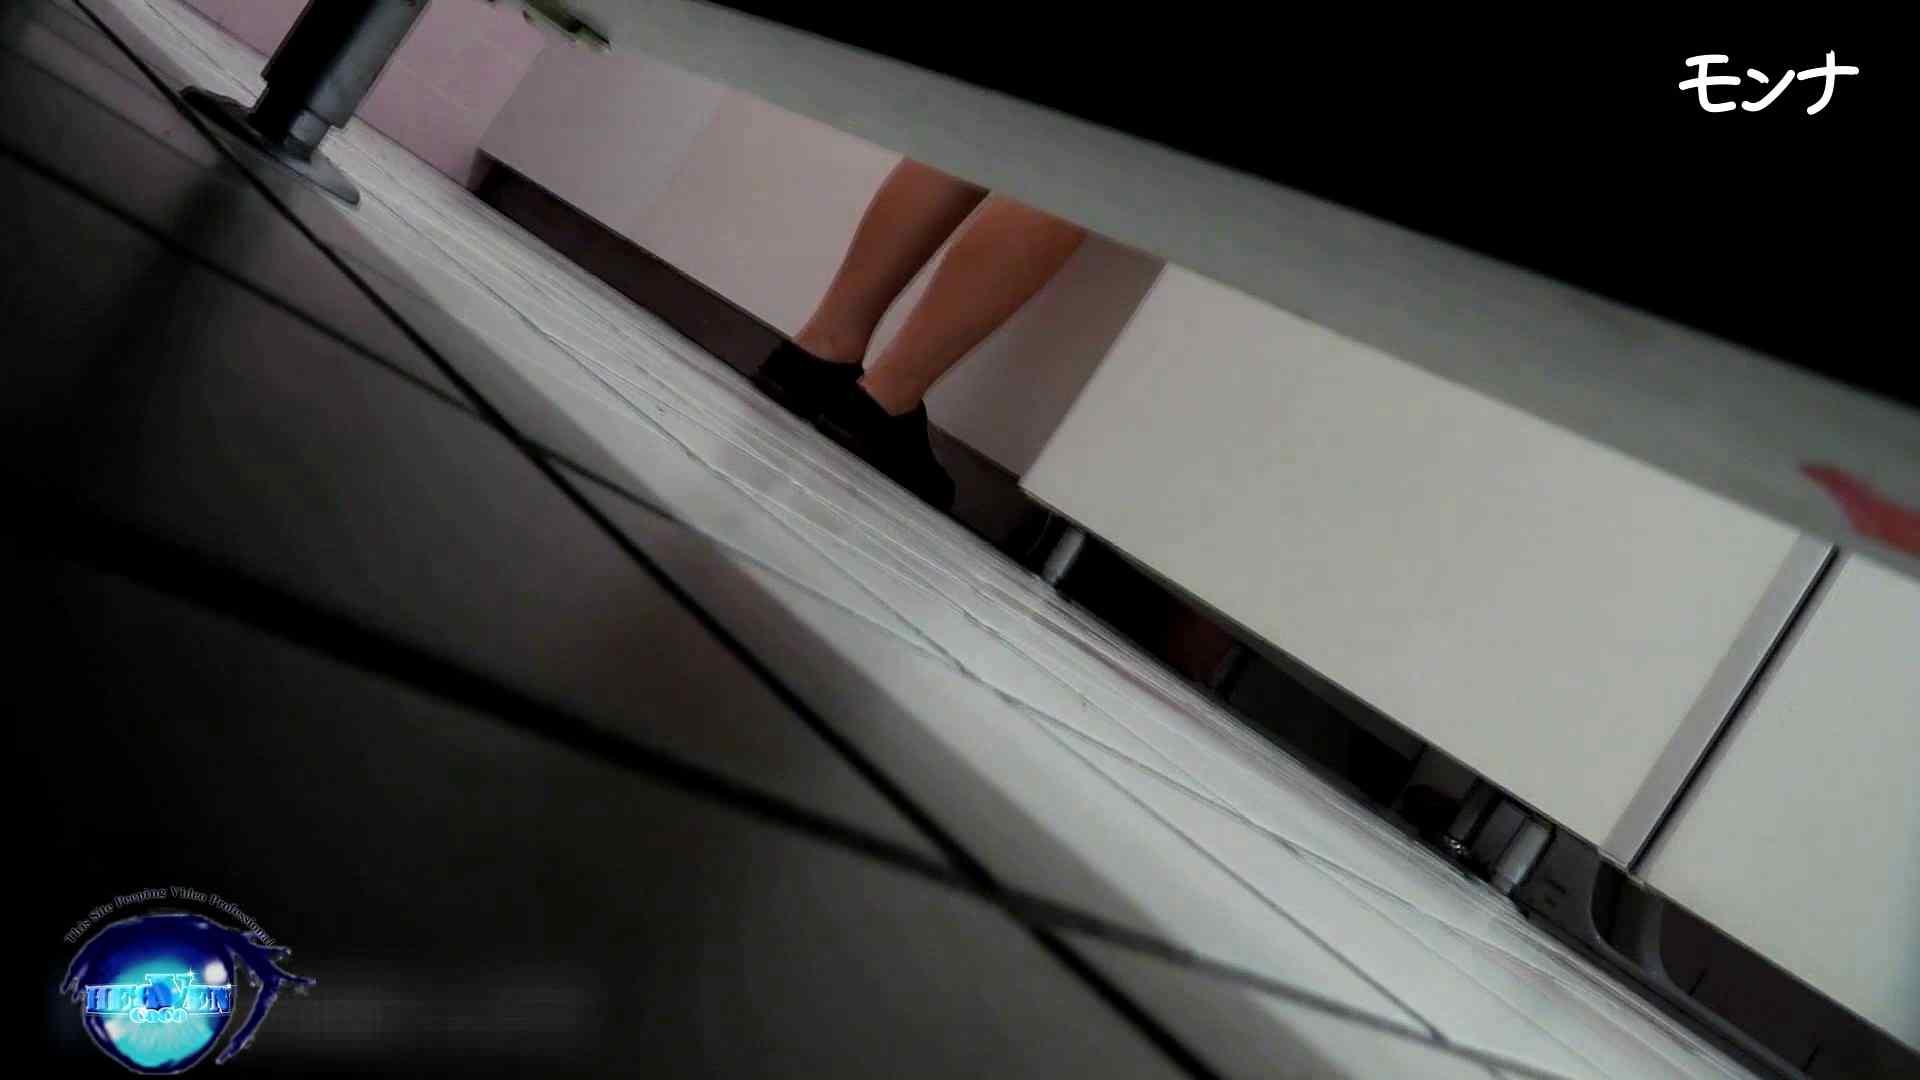 【美しい日本の未来】美しい日本の未来 No.82たまらない丸み、今度またハプニング起きる ハプニング ワレメ無修正動画無料 85画像 8